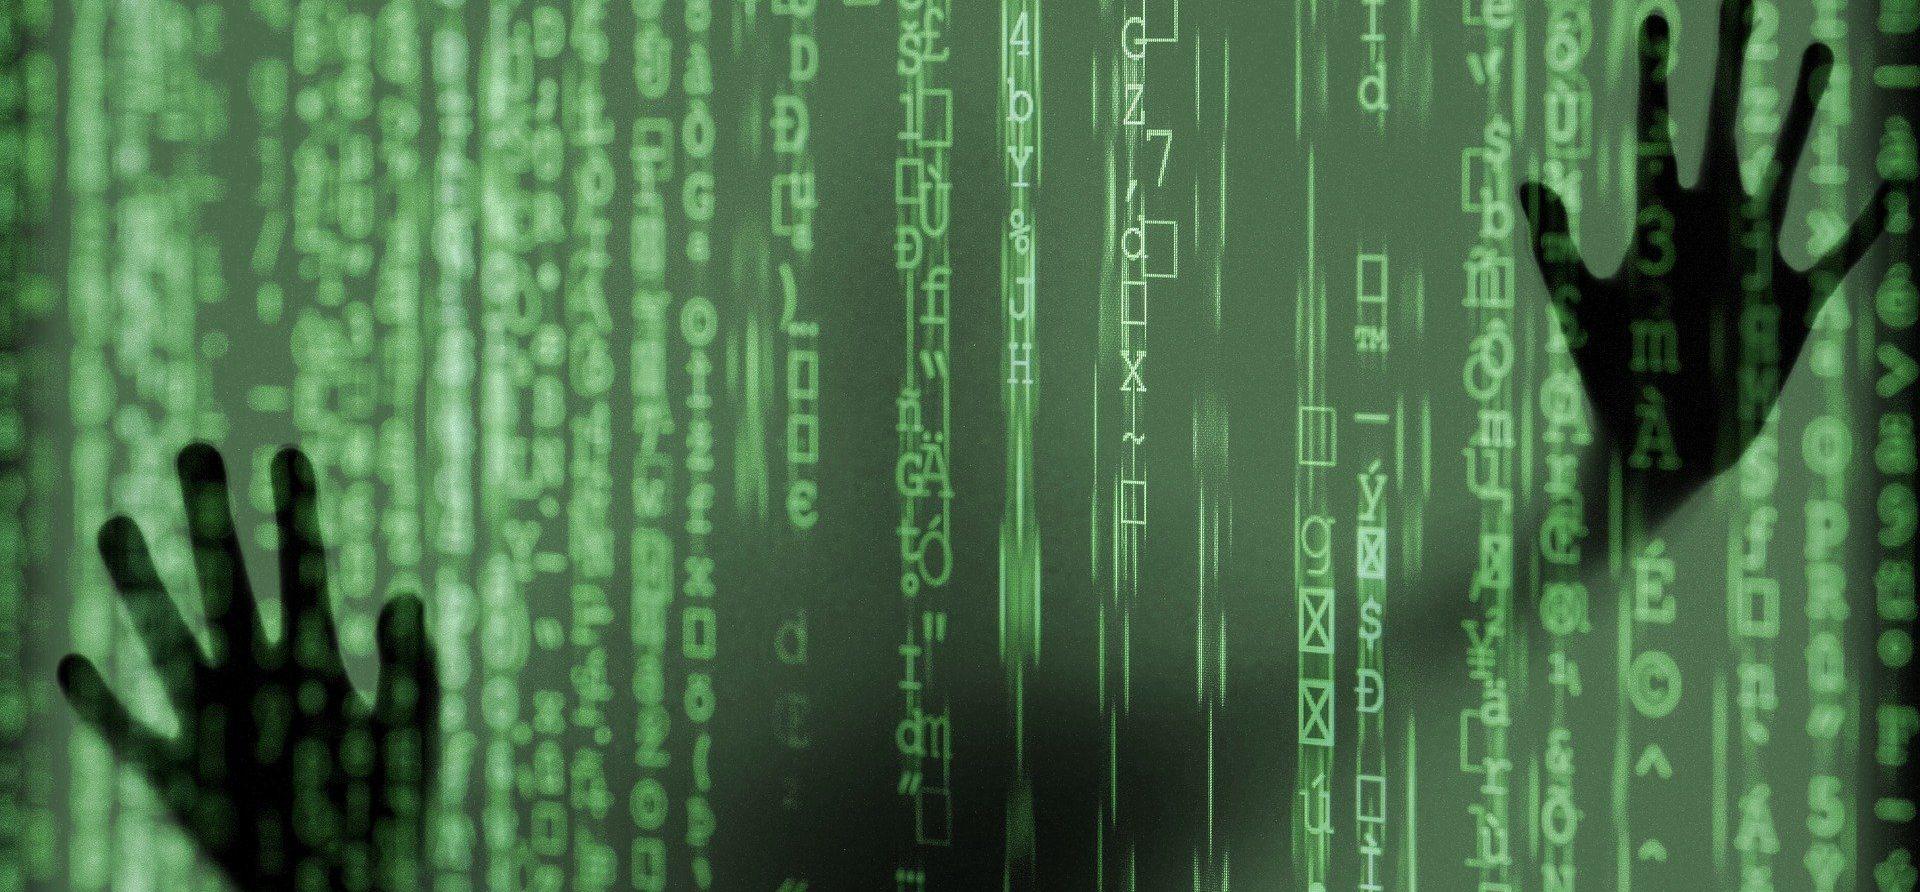 コンピュータ・プログラムの著作権の保護が及ばない